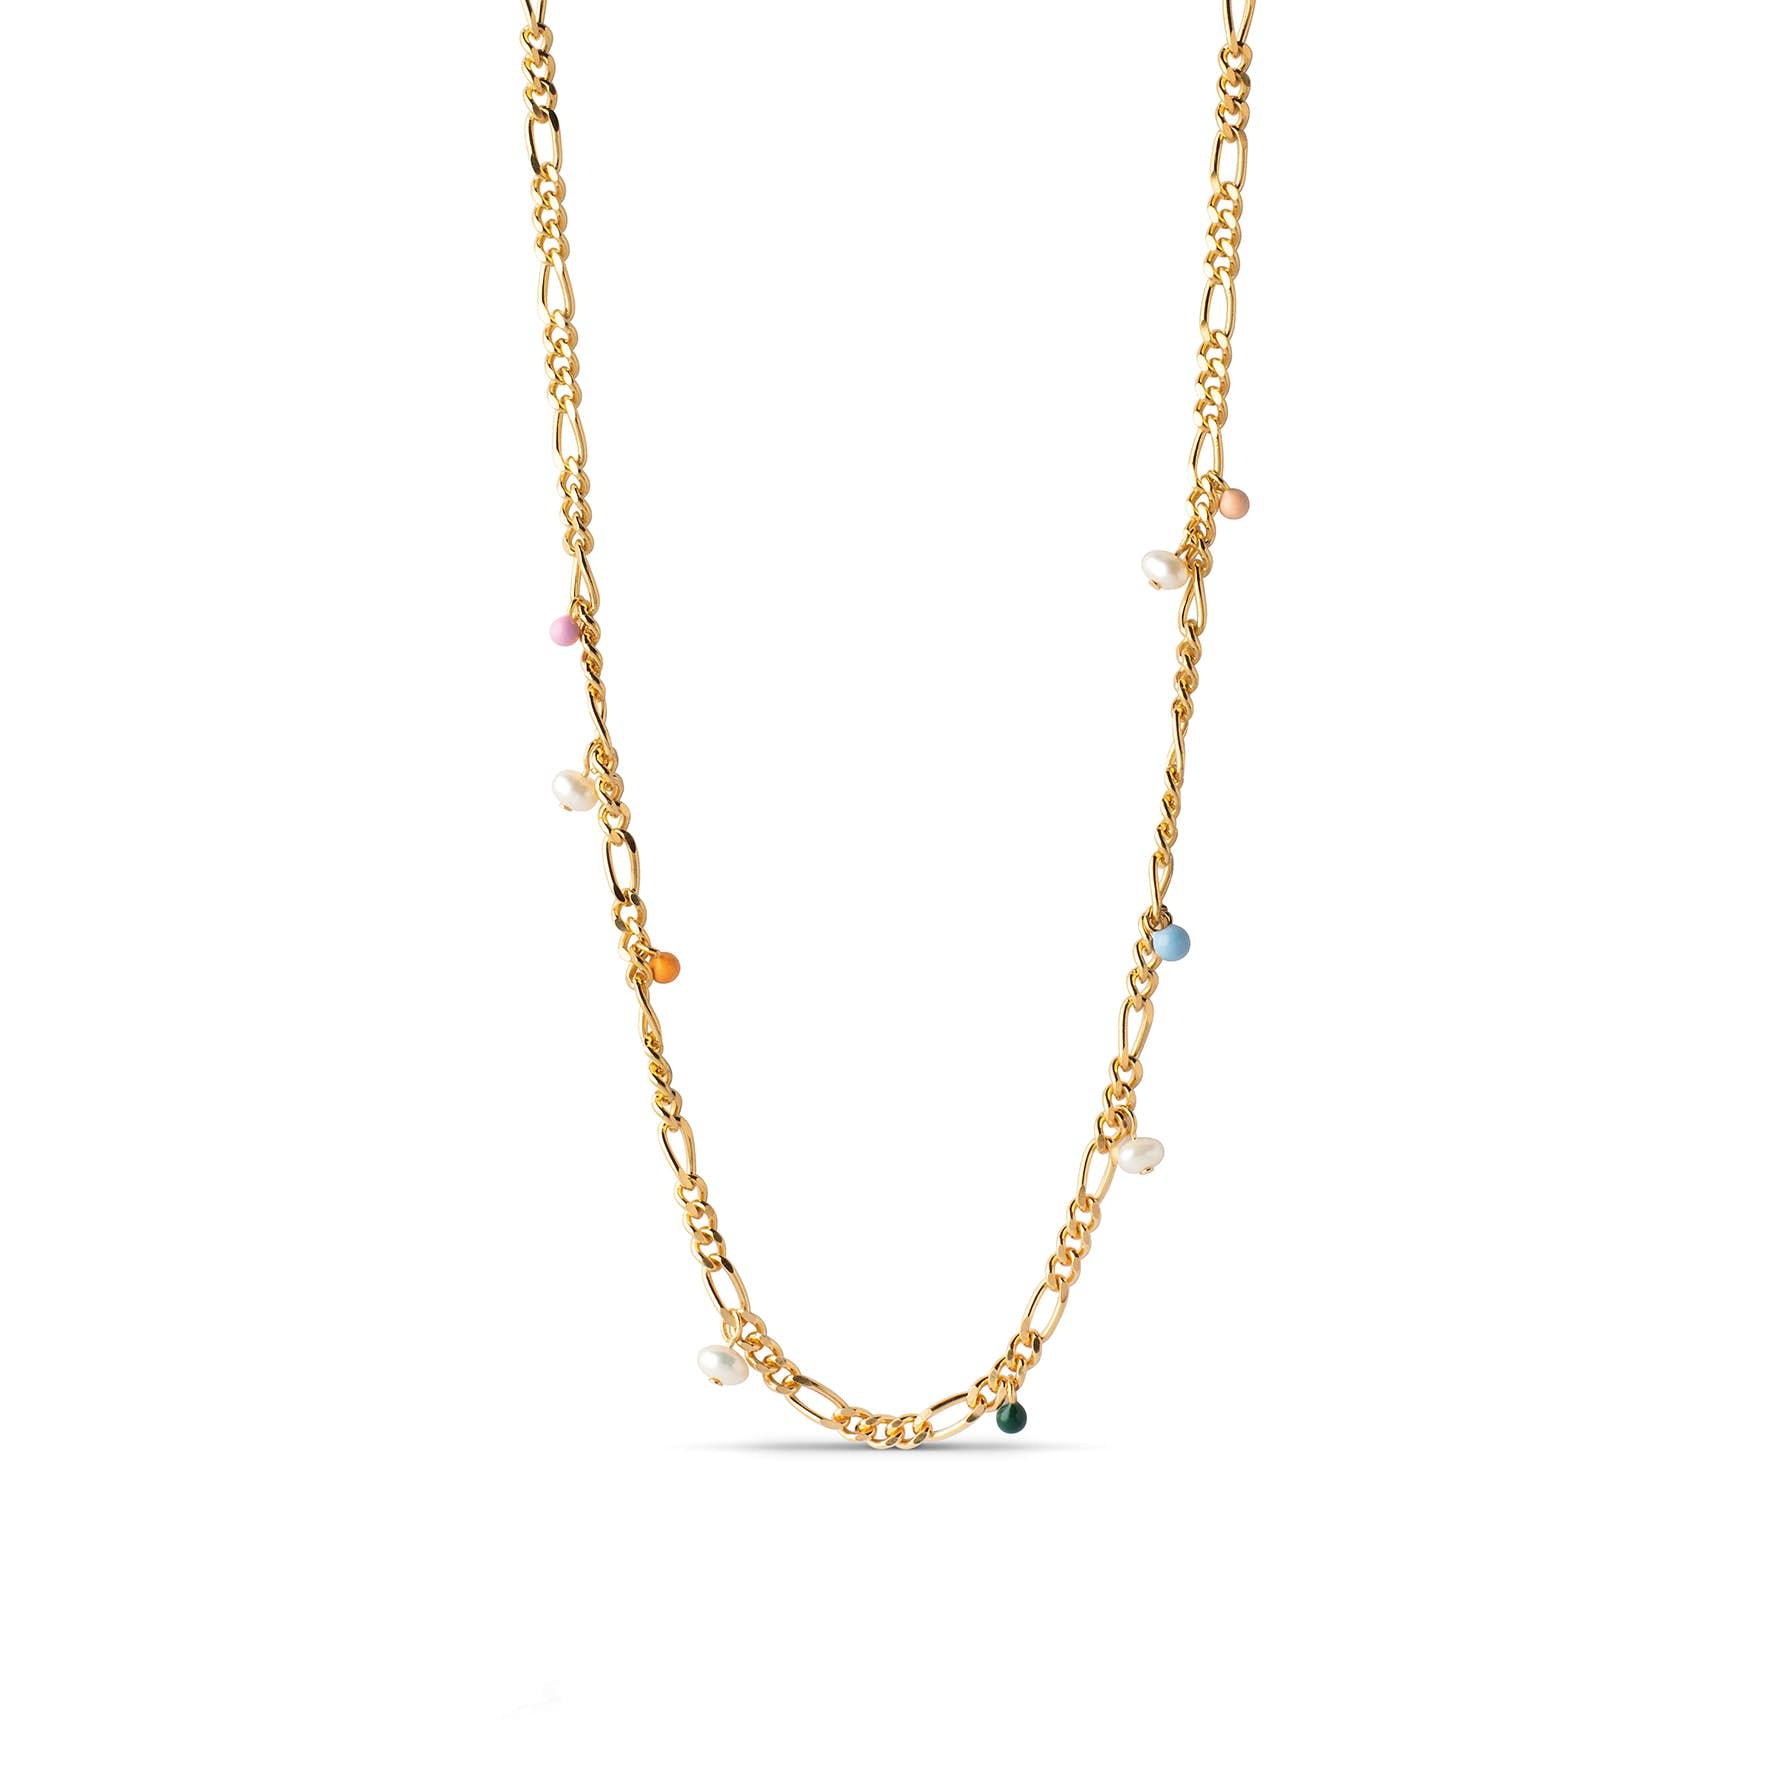 Willa Necklace von Enamel Copenhagen in Vergoldet-Silber Sterling 925